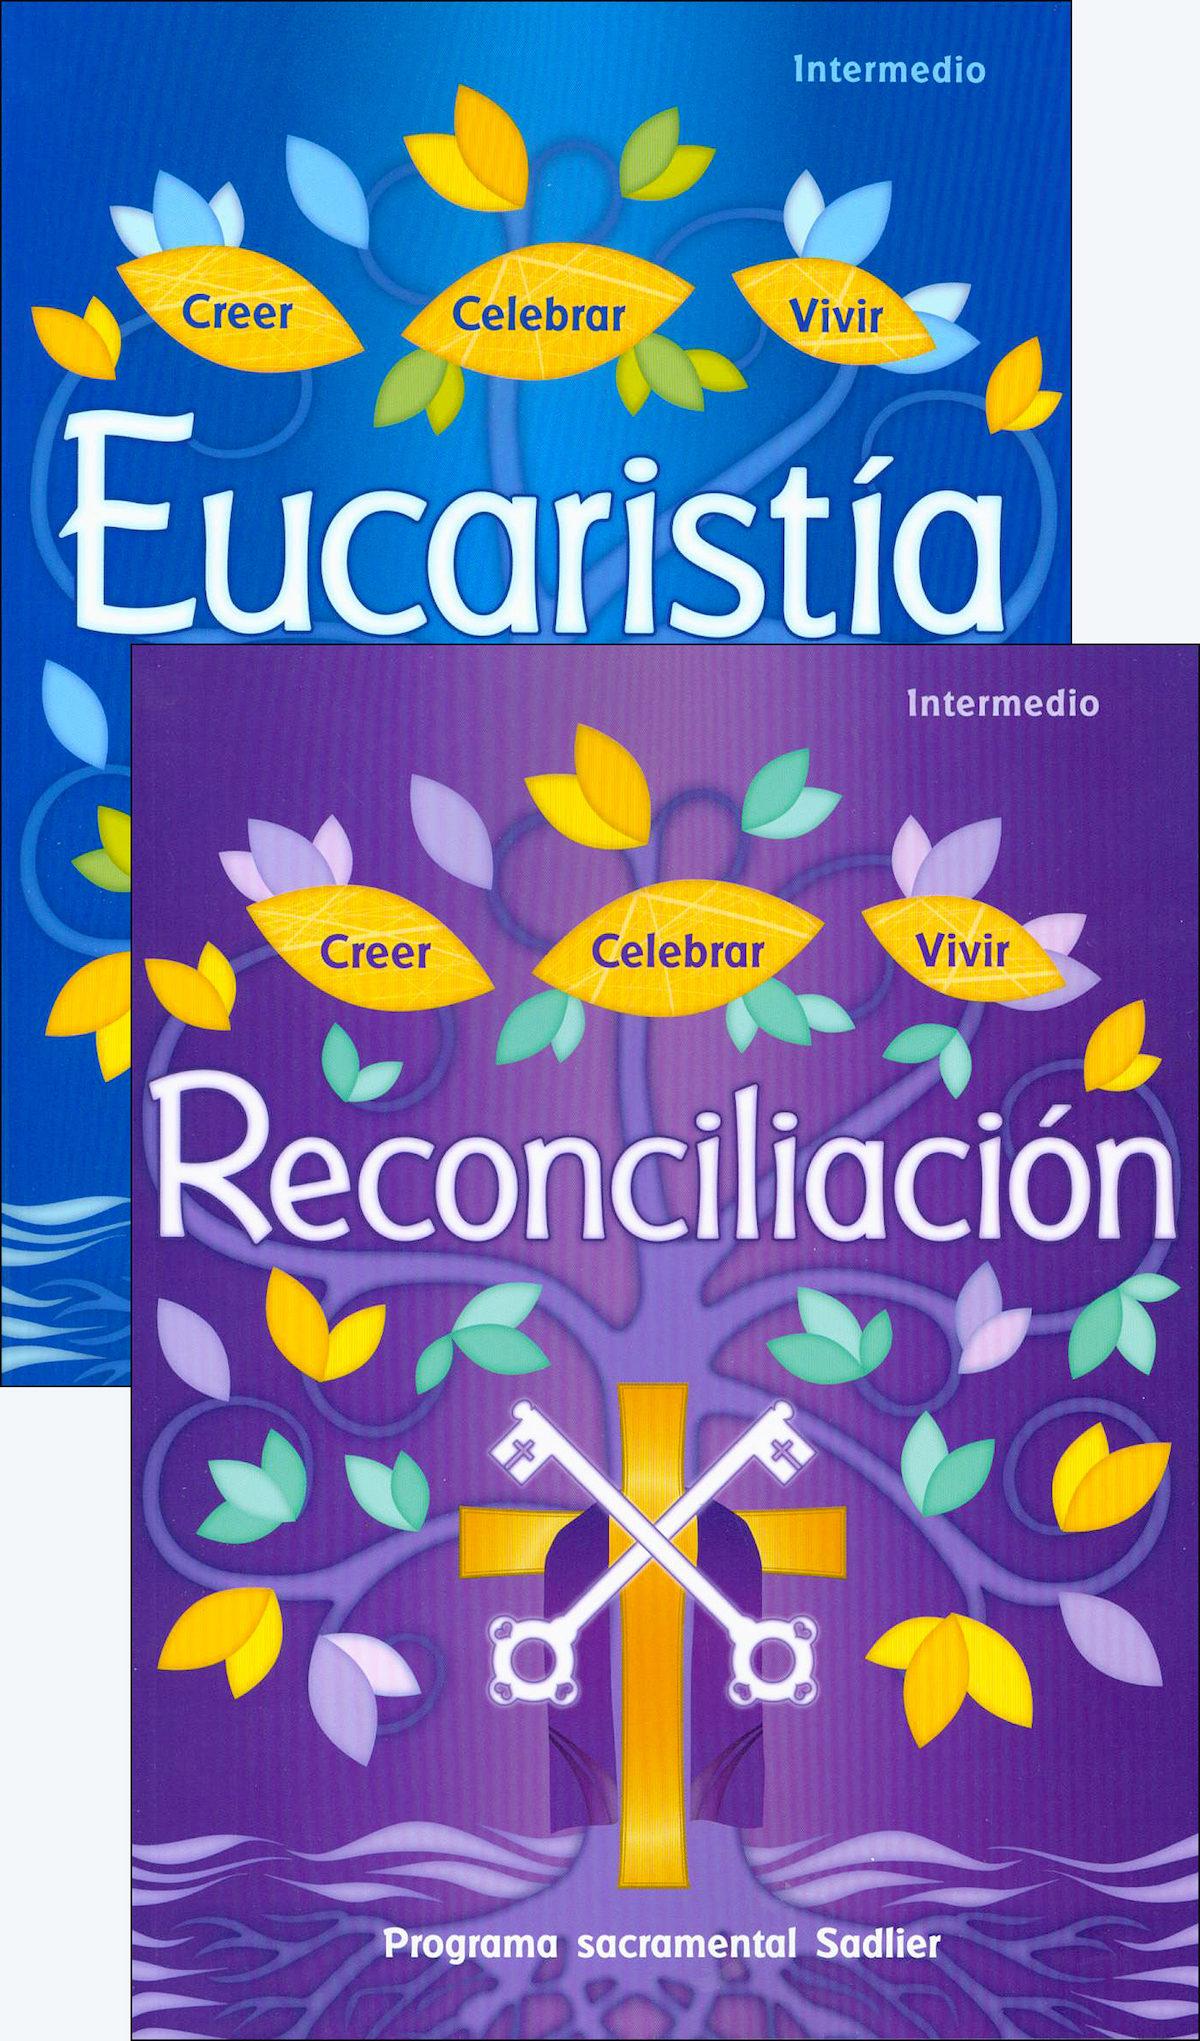 creer celebrar vivir  reconciliaci u00f3n y eucarist u00eda  student book